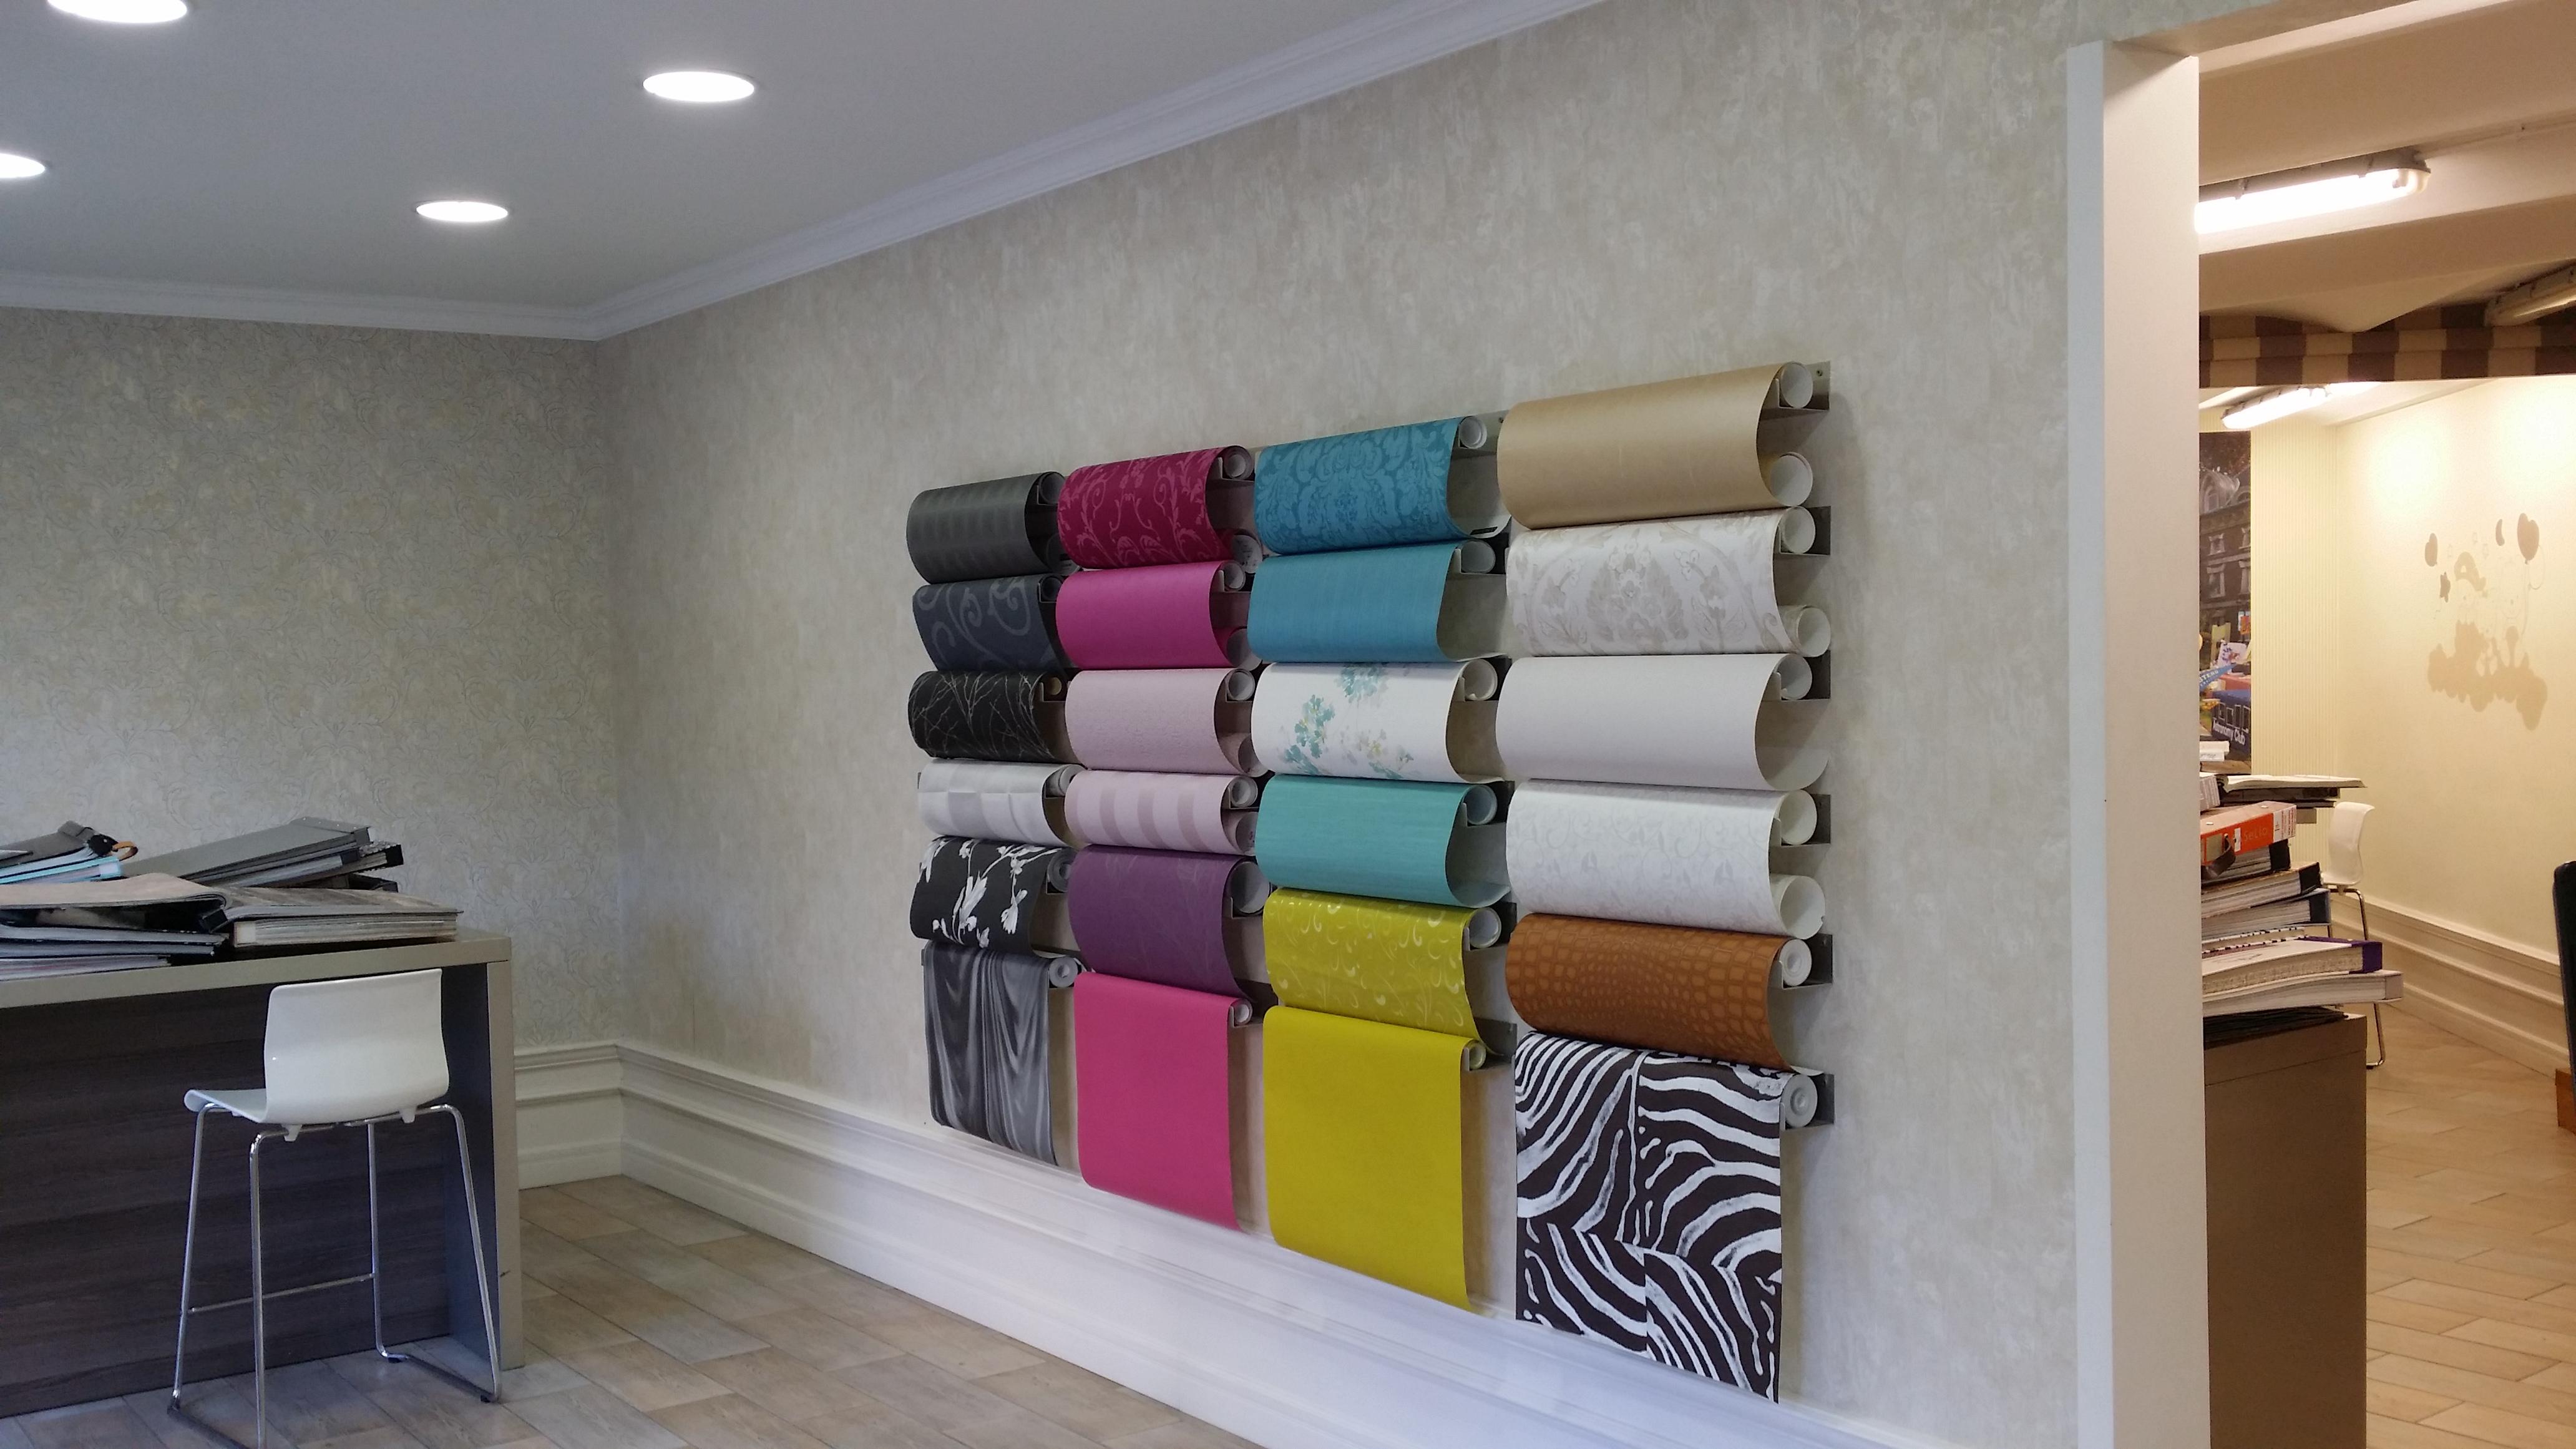 Tienda papel pintado barcelona casadeco y caselio papel for Papel pintado barcelona